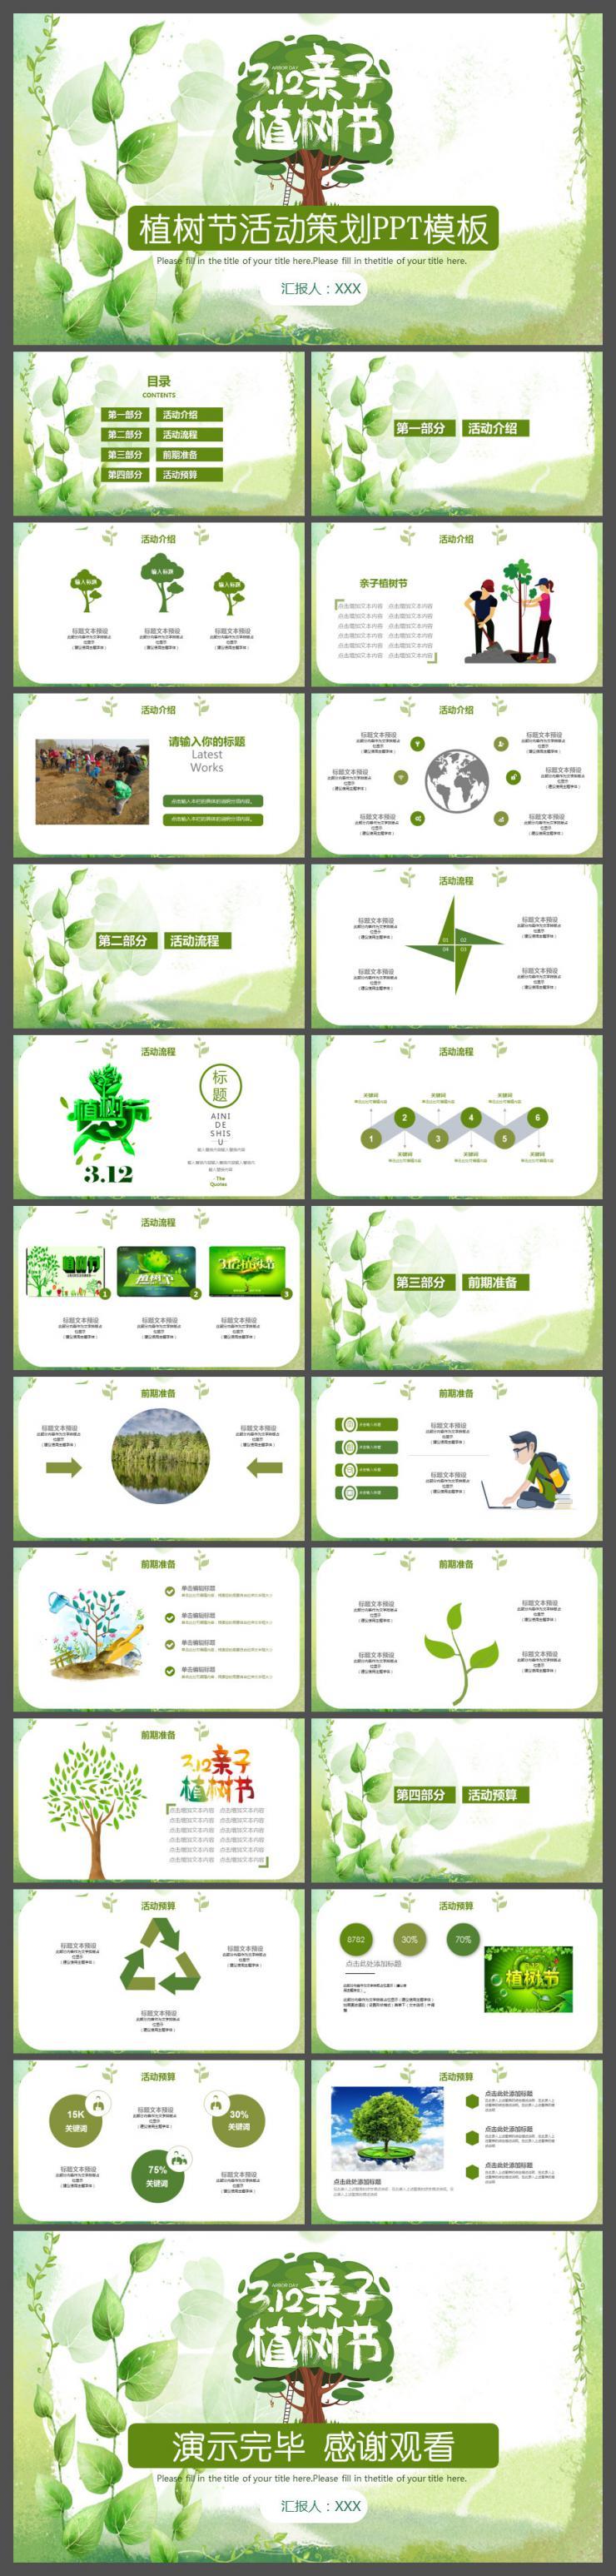 绿色清新312亲子植树节活动安排策划PPT模板